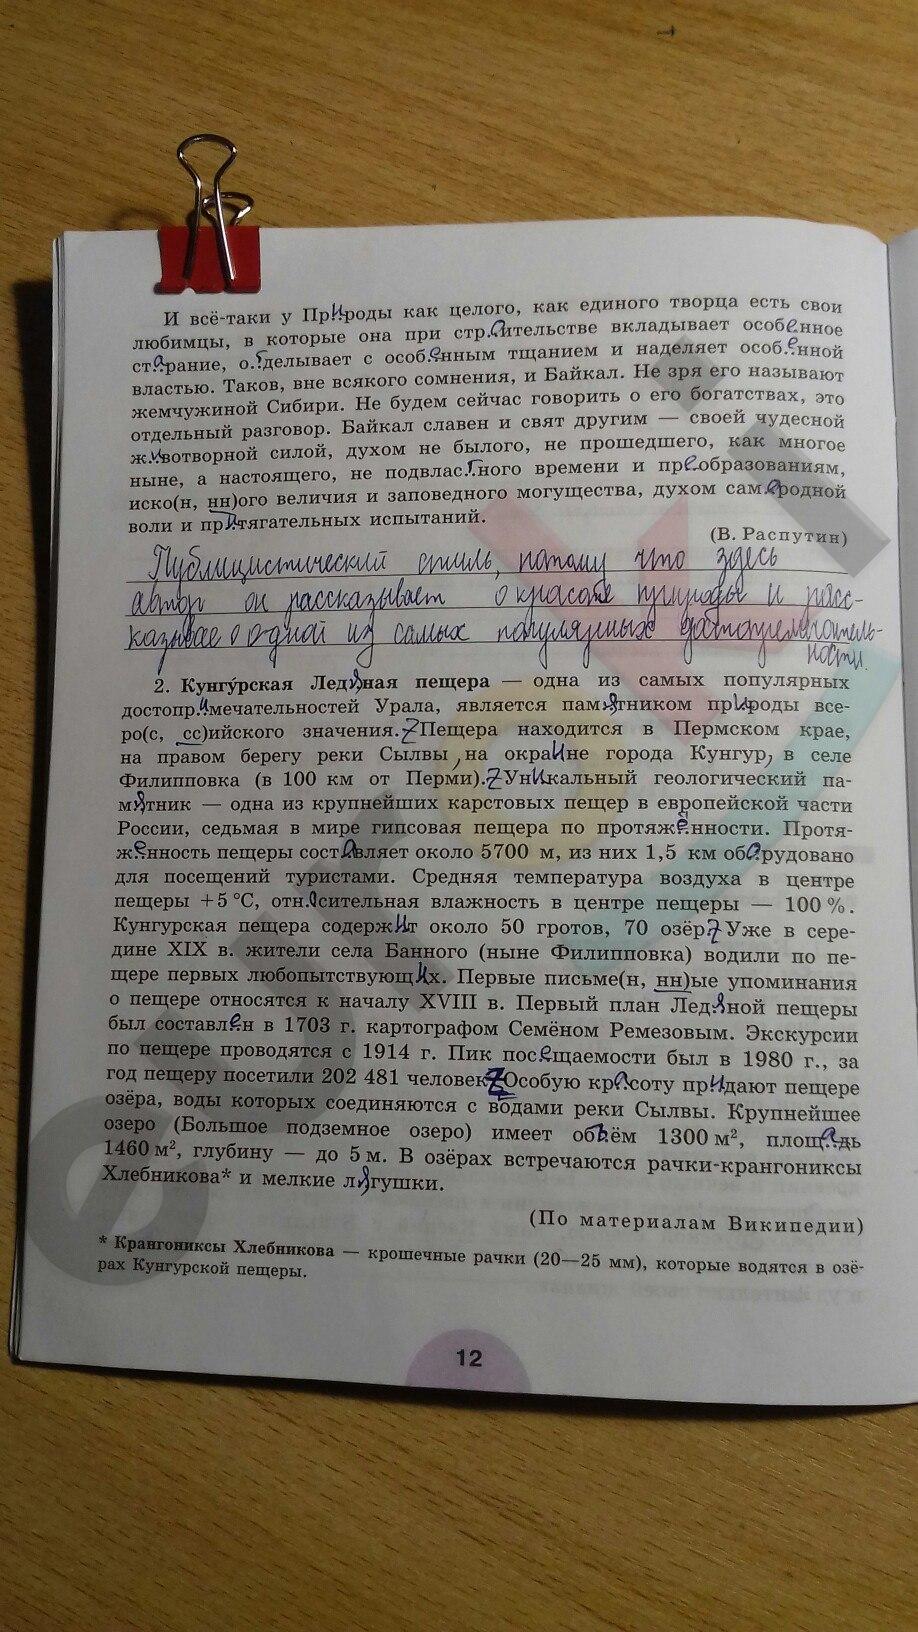 hstex v3 скачать бесплатно на русском